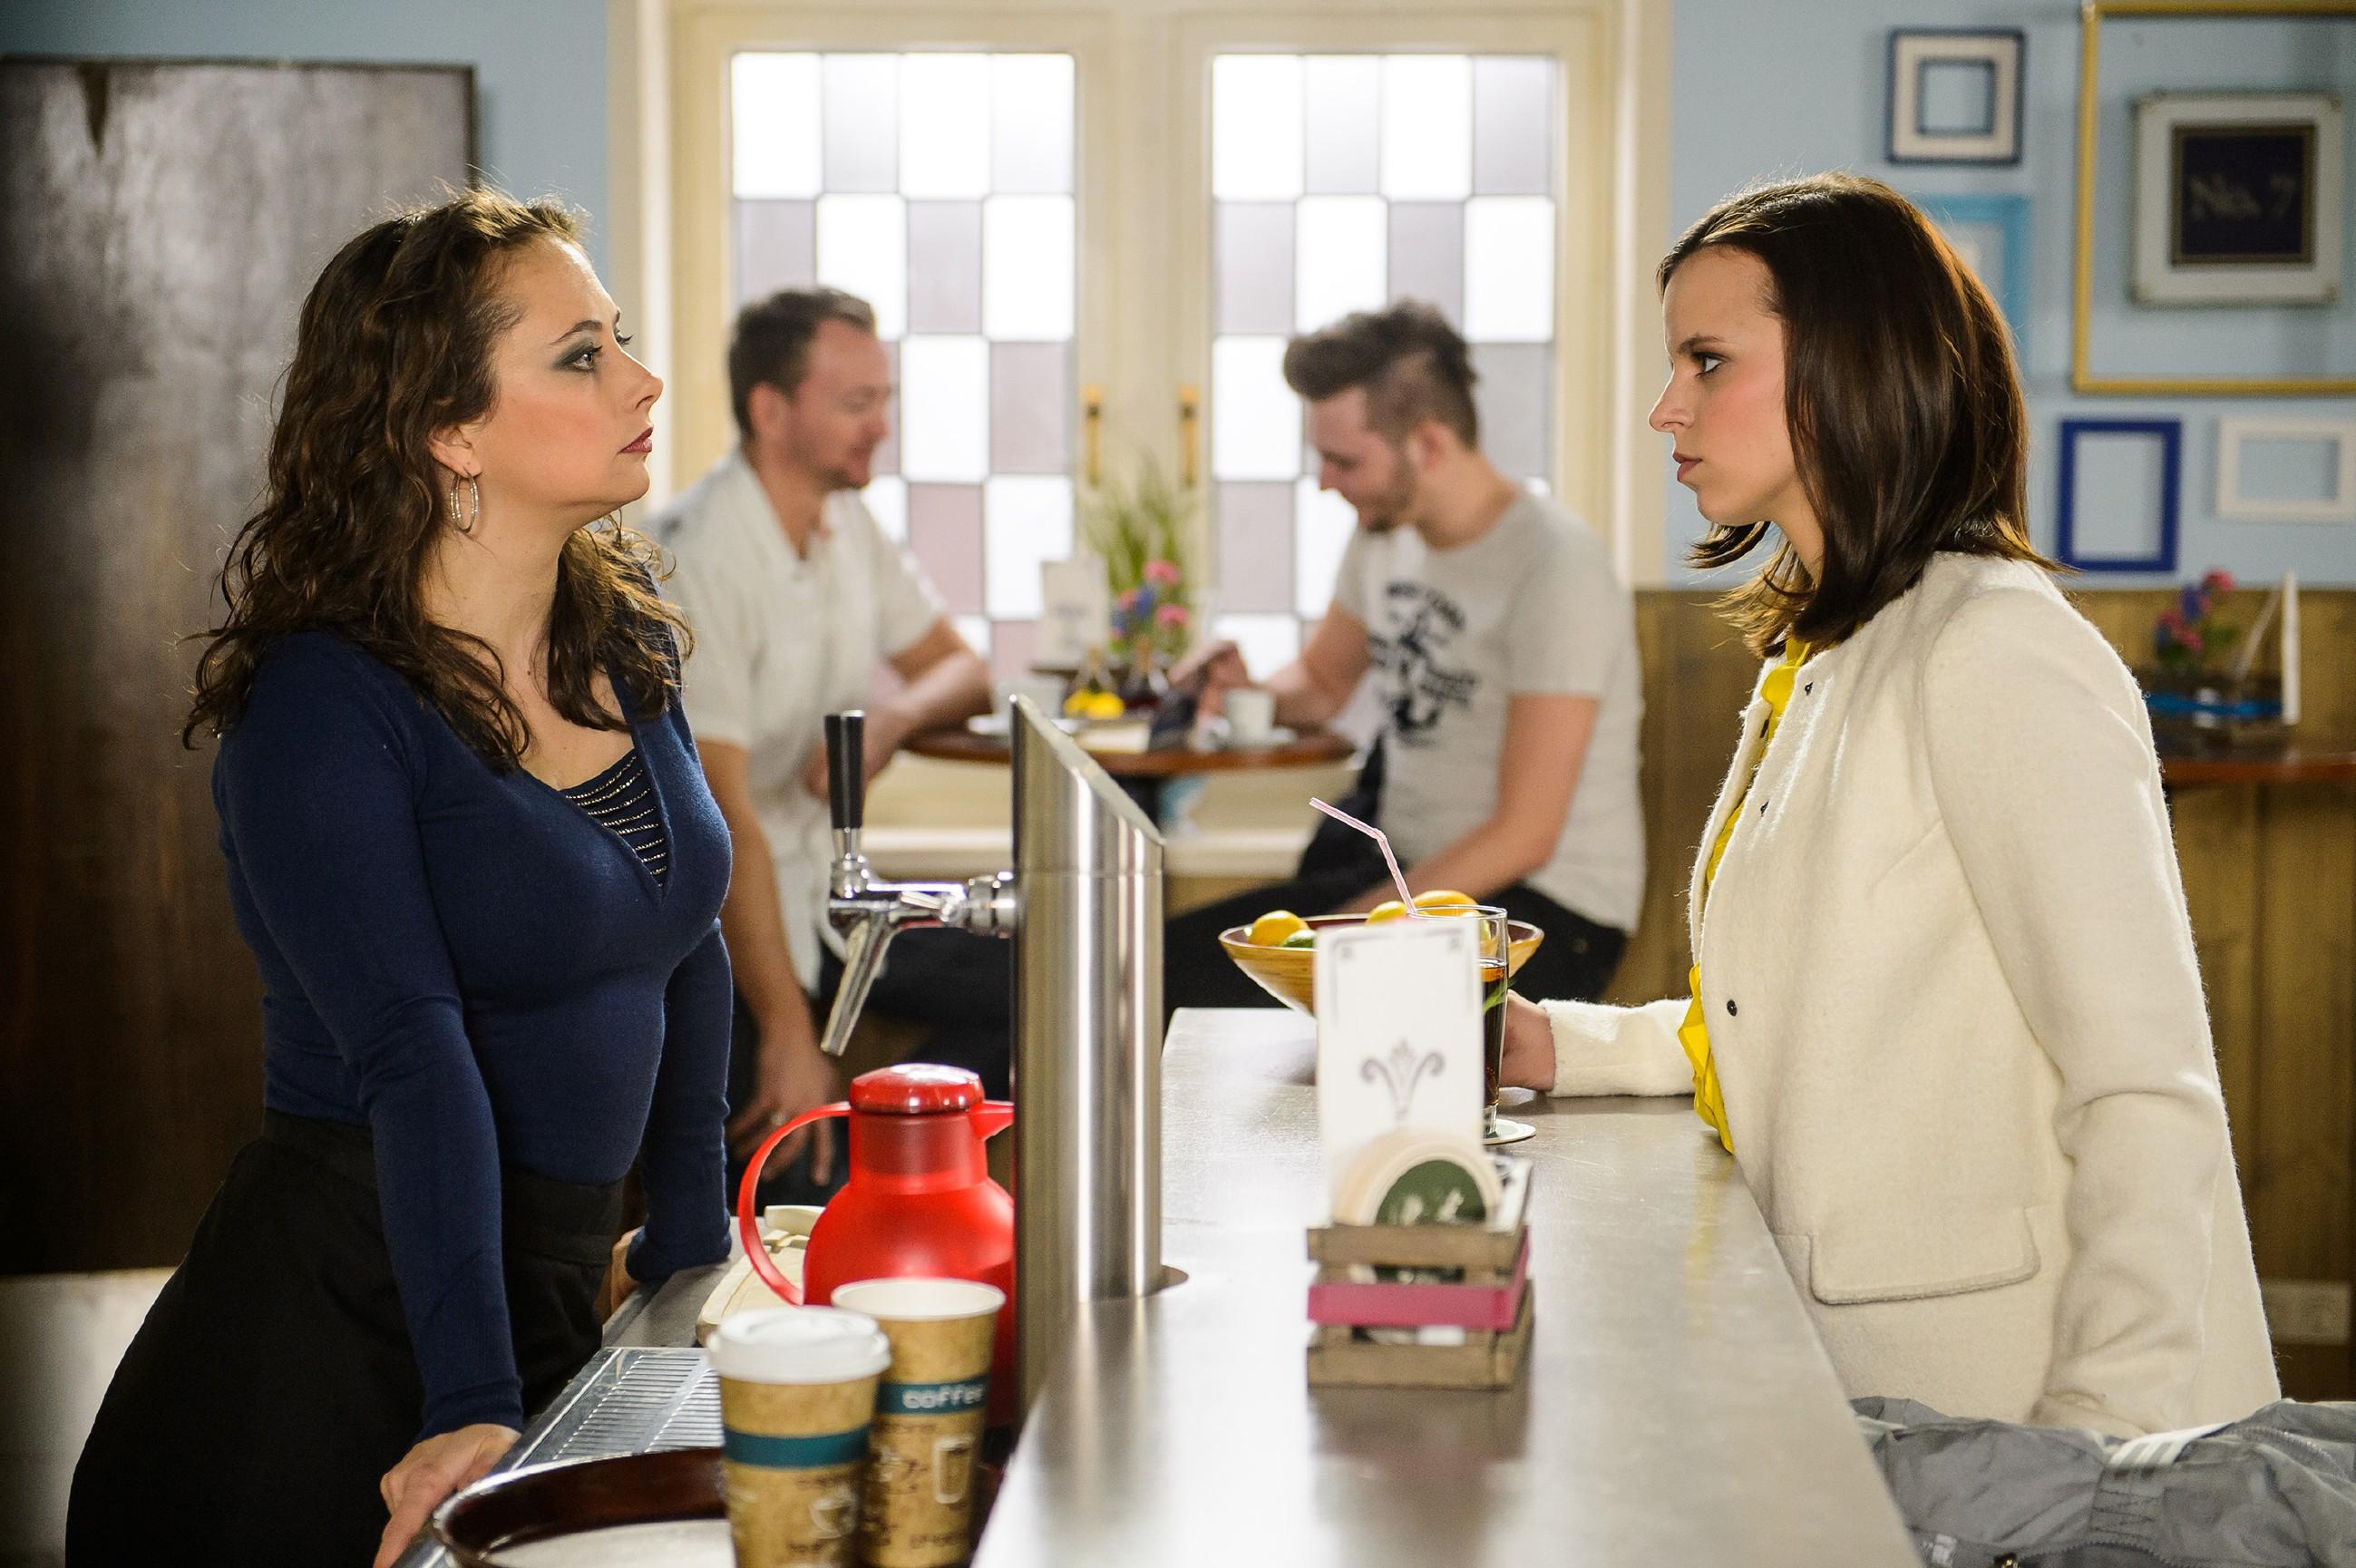 Michelle (Franziska Benz, r.) sagt Carmen (Heike Warmuth, l.) auf den Kopf zu, dass sie in Richard, den Mann ihrer Halbschwester, verliebt ist. (Quelle: RTL / Willi Weber)